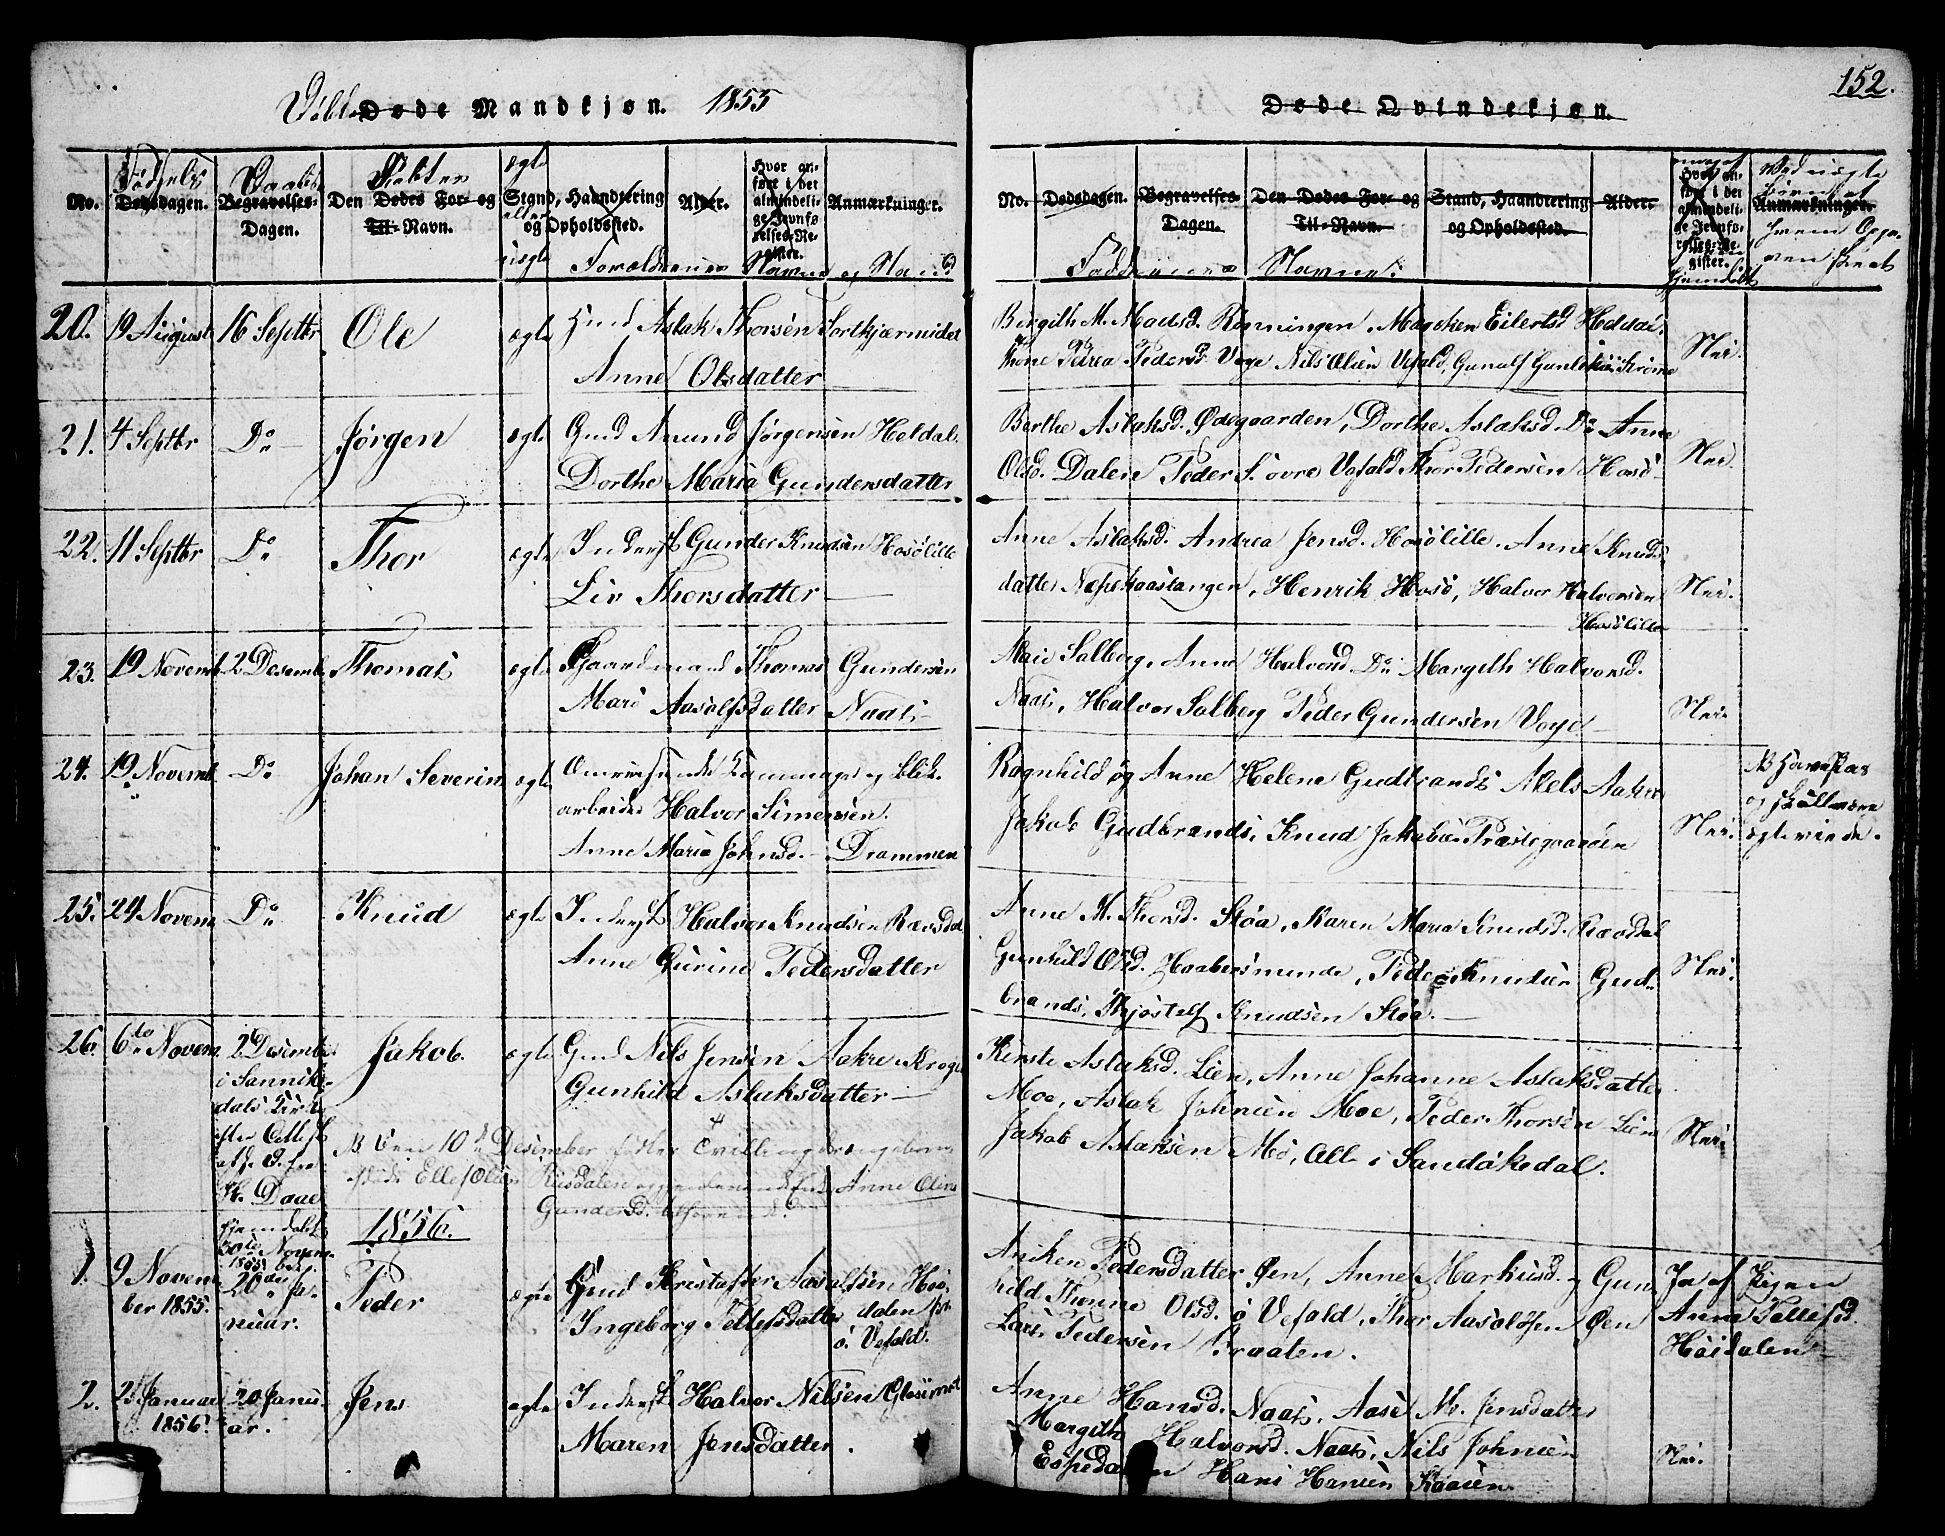 SAKO, Drangedal kirkebøker, G/Ga/L0001: Klokkerbok nr. I 1 /1, 1814-1856, s. 152